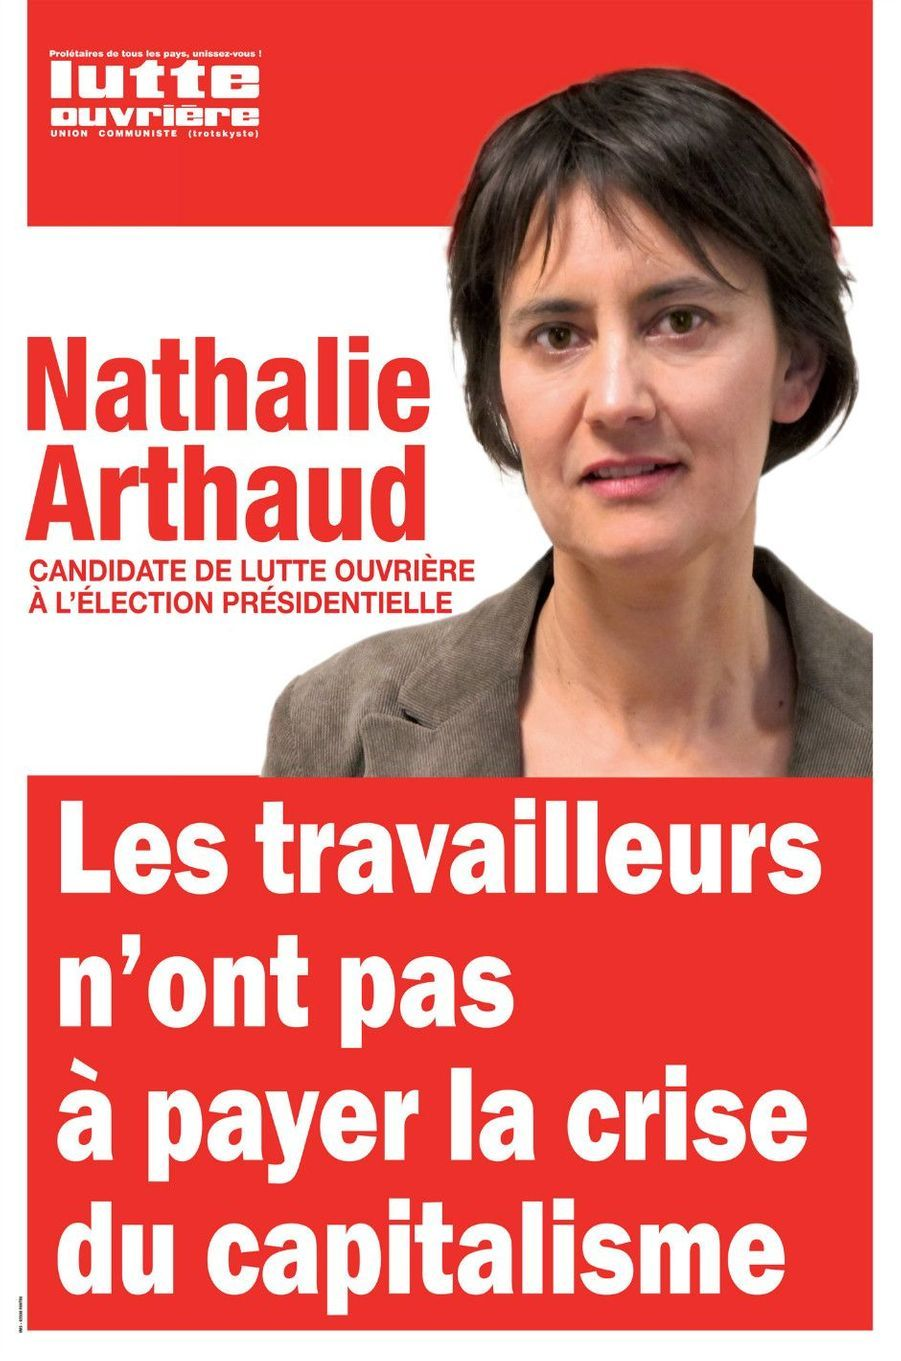 Un rouge vif évidemment exploité par Nathalie Arthaud, la candidate de Lutte ouvrière. Sur son affiche rouge et blanche, la candidate se met moins en avant que ses concurrents, disparaissant presque derrière son slogan : «Les travailleurs n'ont pas à payer la crise du capitalisme».